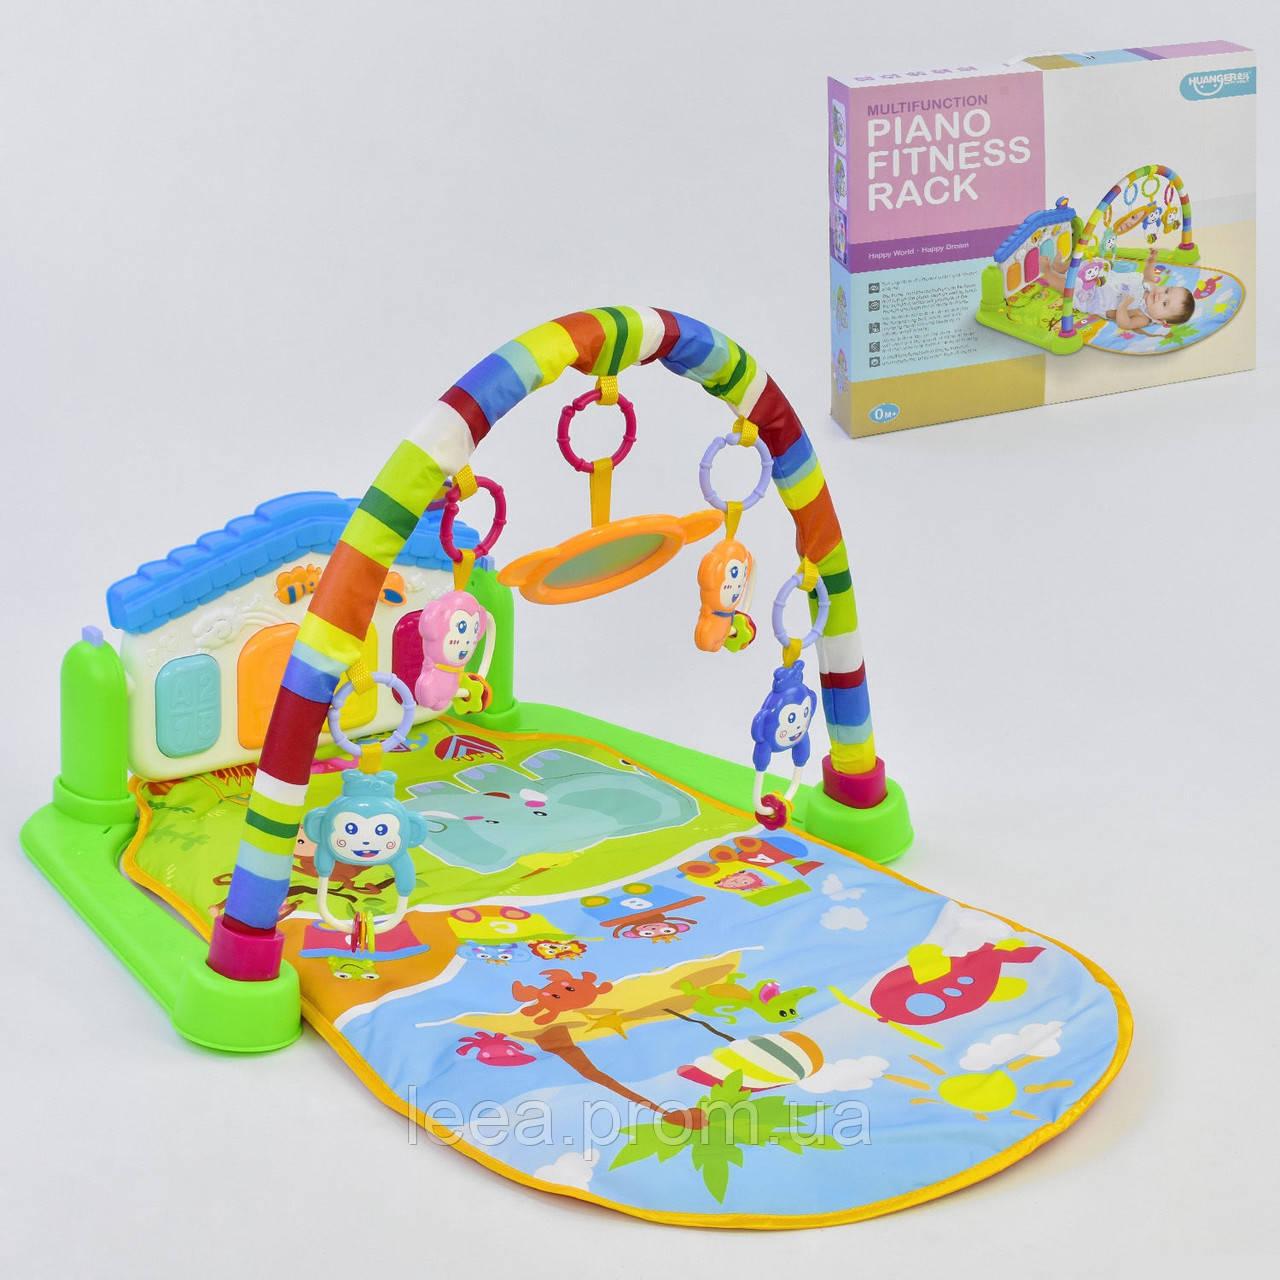 Развивающий коврик с музыкальной панелью в виде домика НЕ 0605 и подвесными игрушками